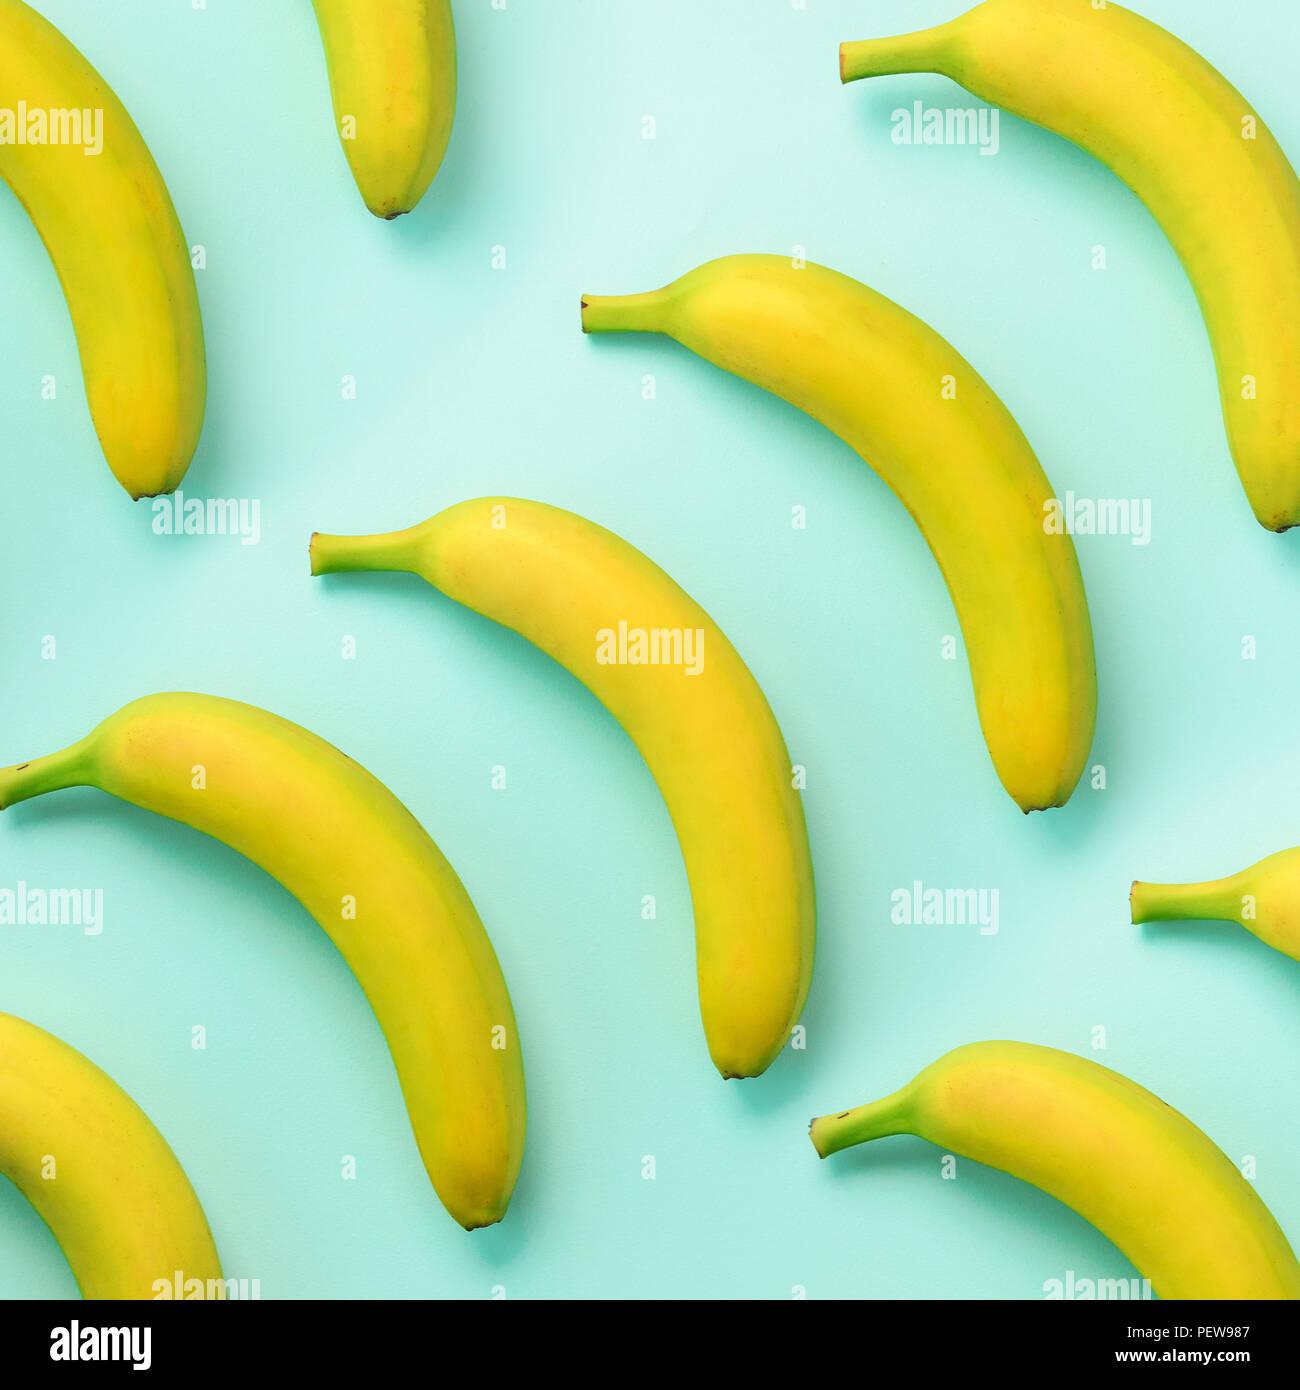 Bunte Obst Muster. Bananen über blauen Hintergrund. Platz crop. Ansicht von oben. Pop Art Design, kreative Sommer Konzept. Minimale flach Stil Stockbild